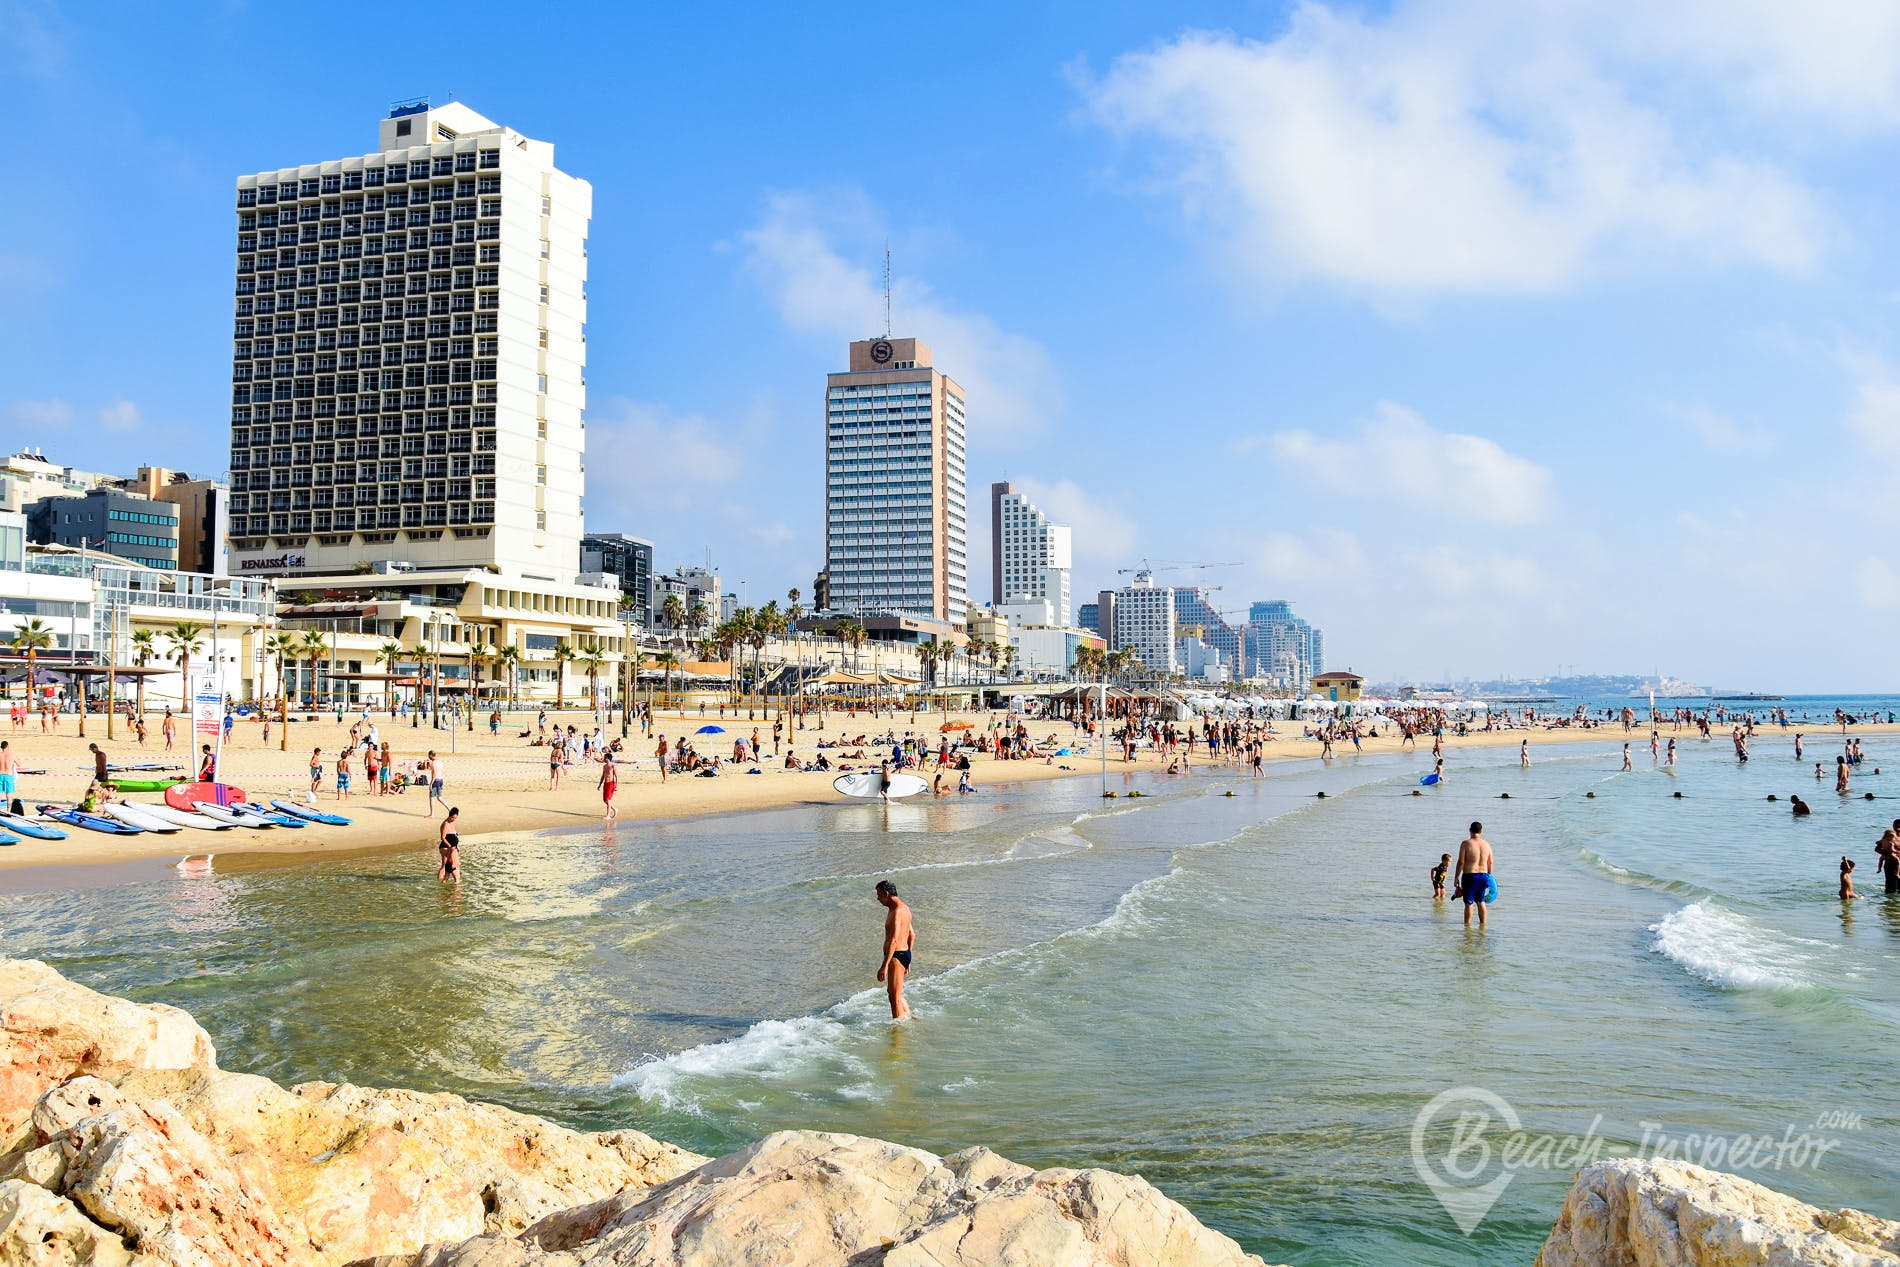 Strand Gordon Beach, Israel, Israel